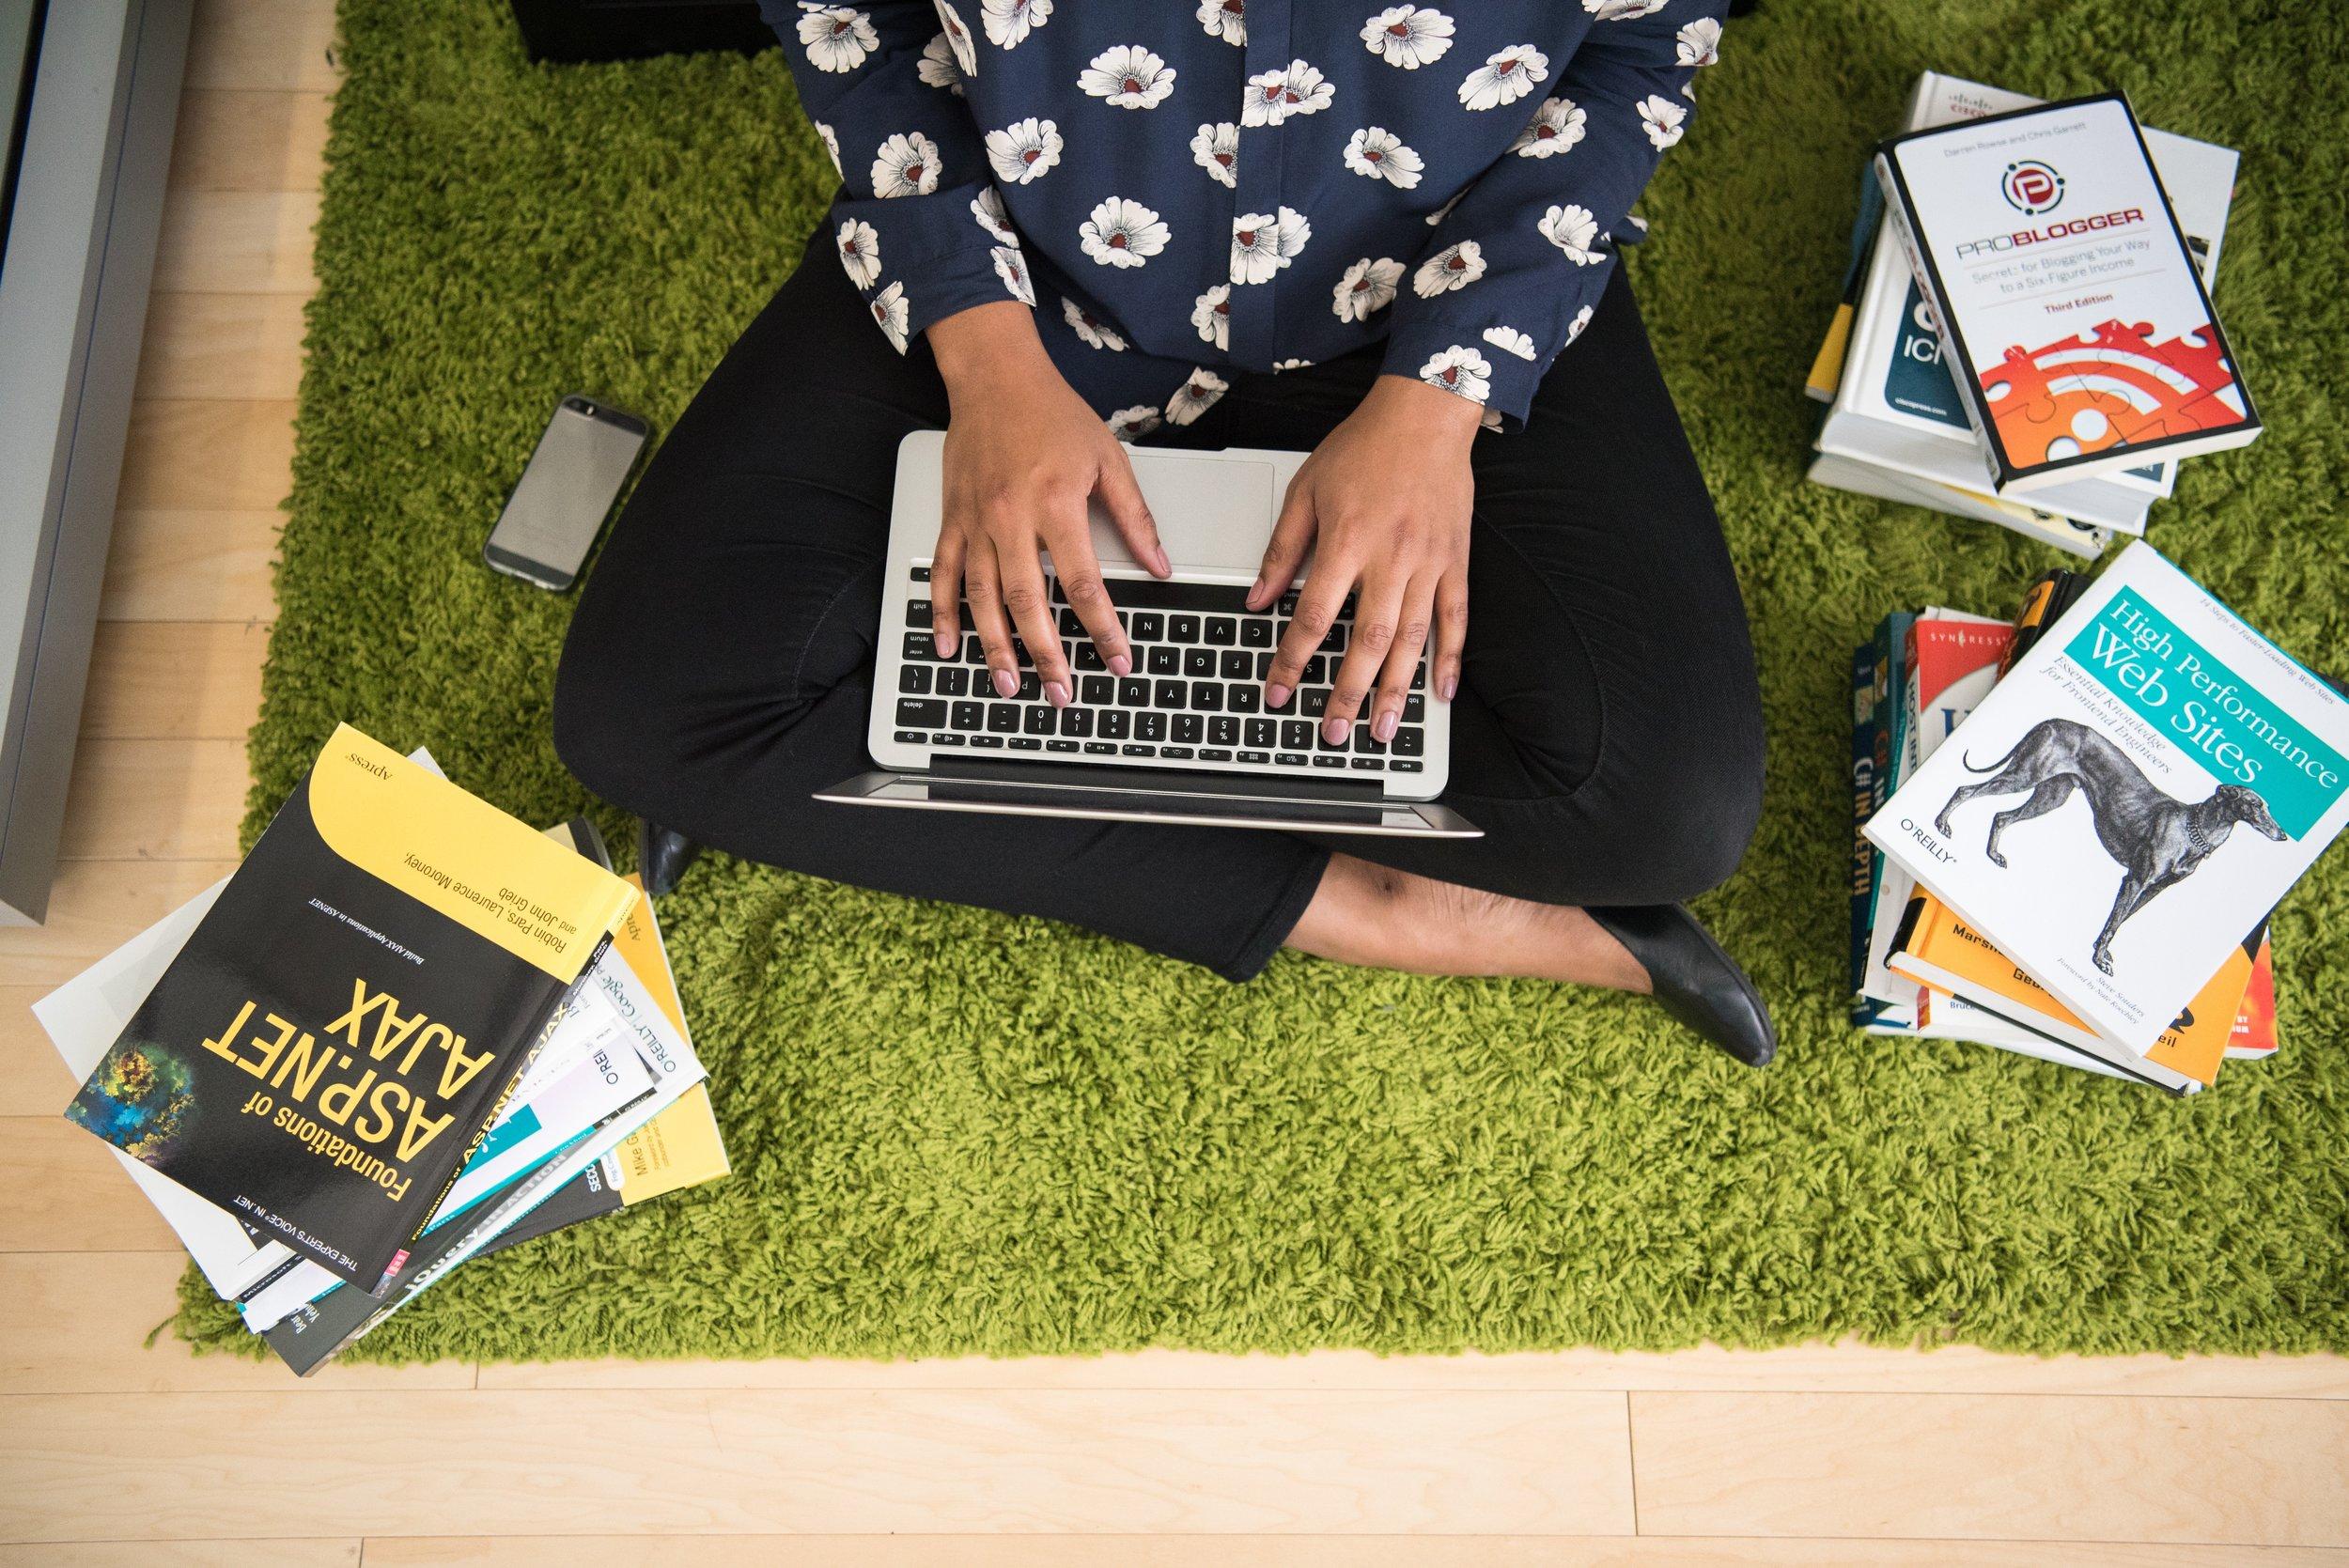 Books on carpet.jpg